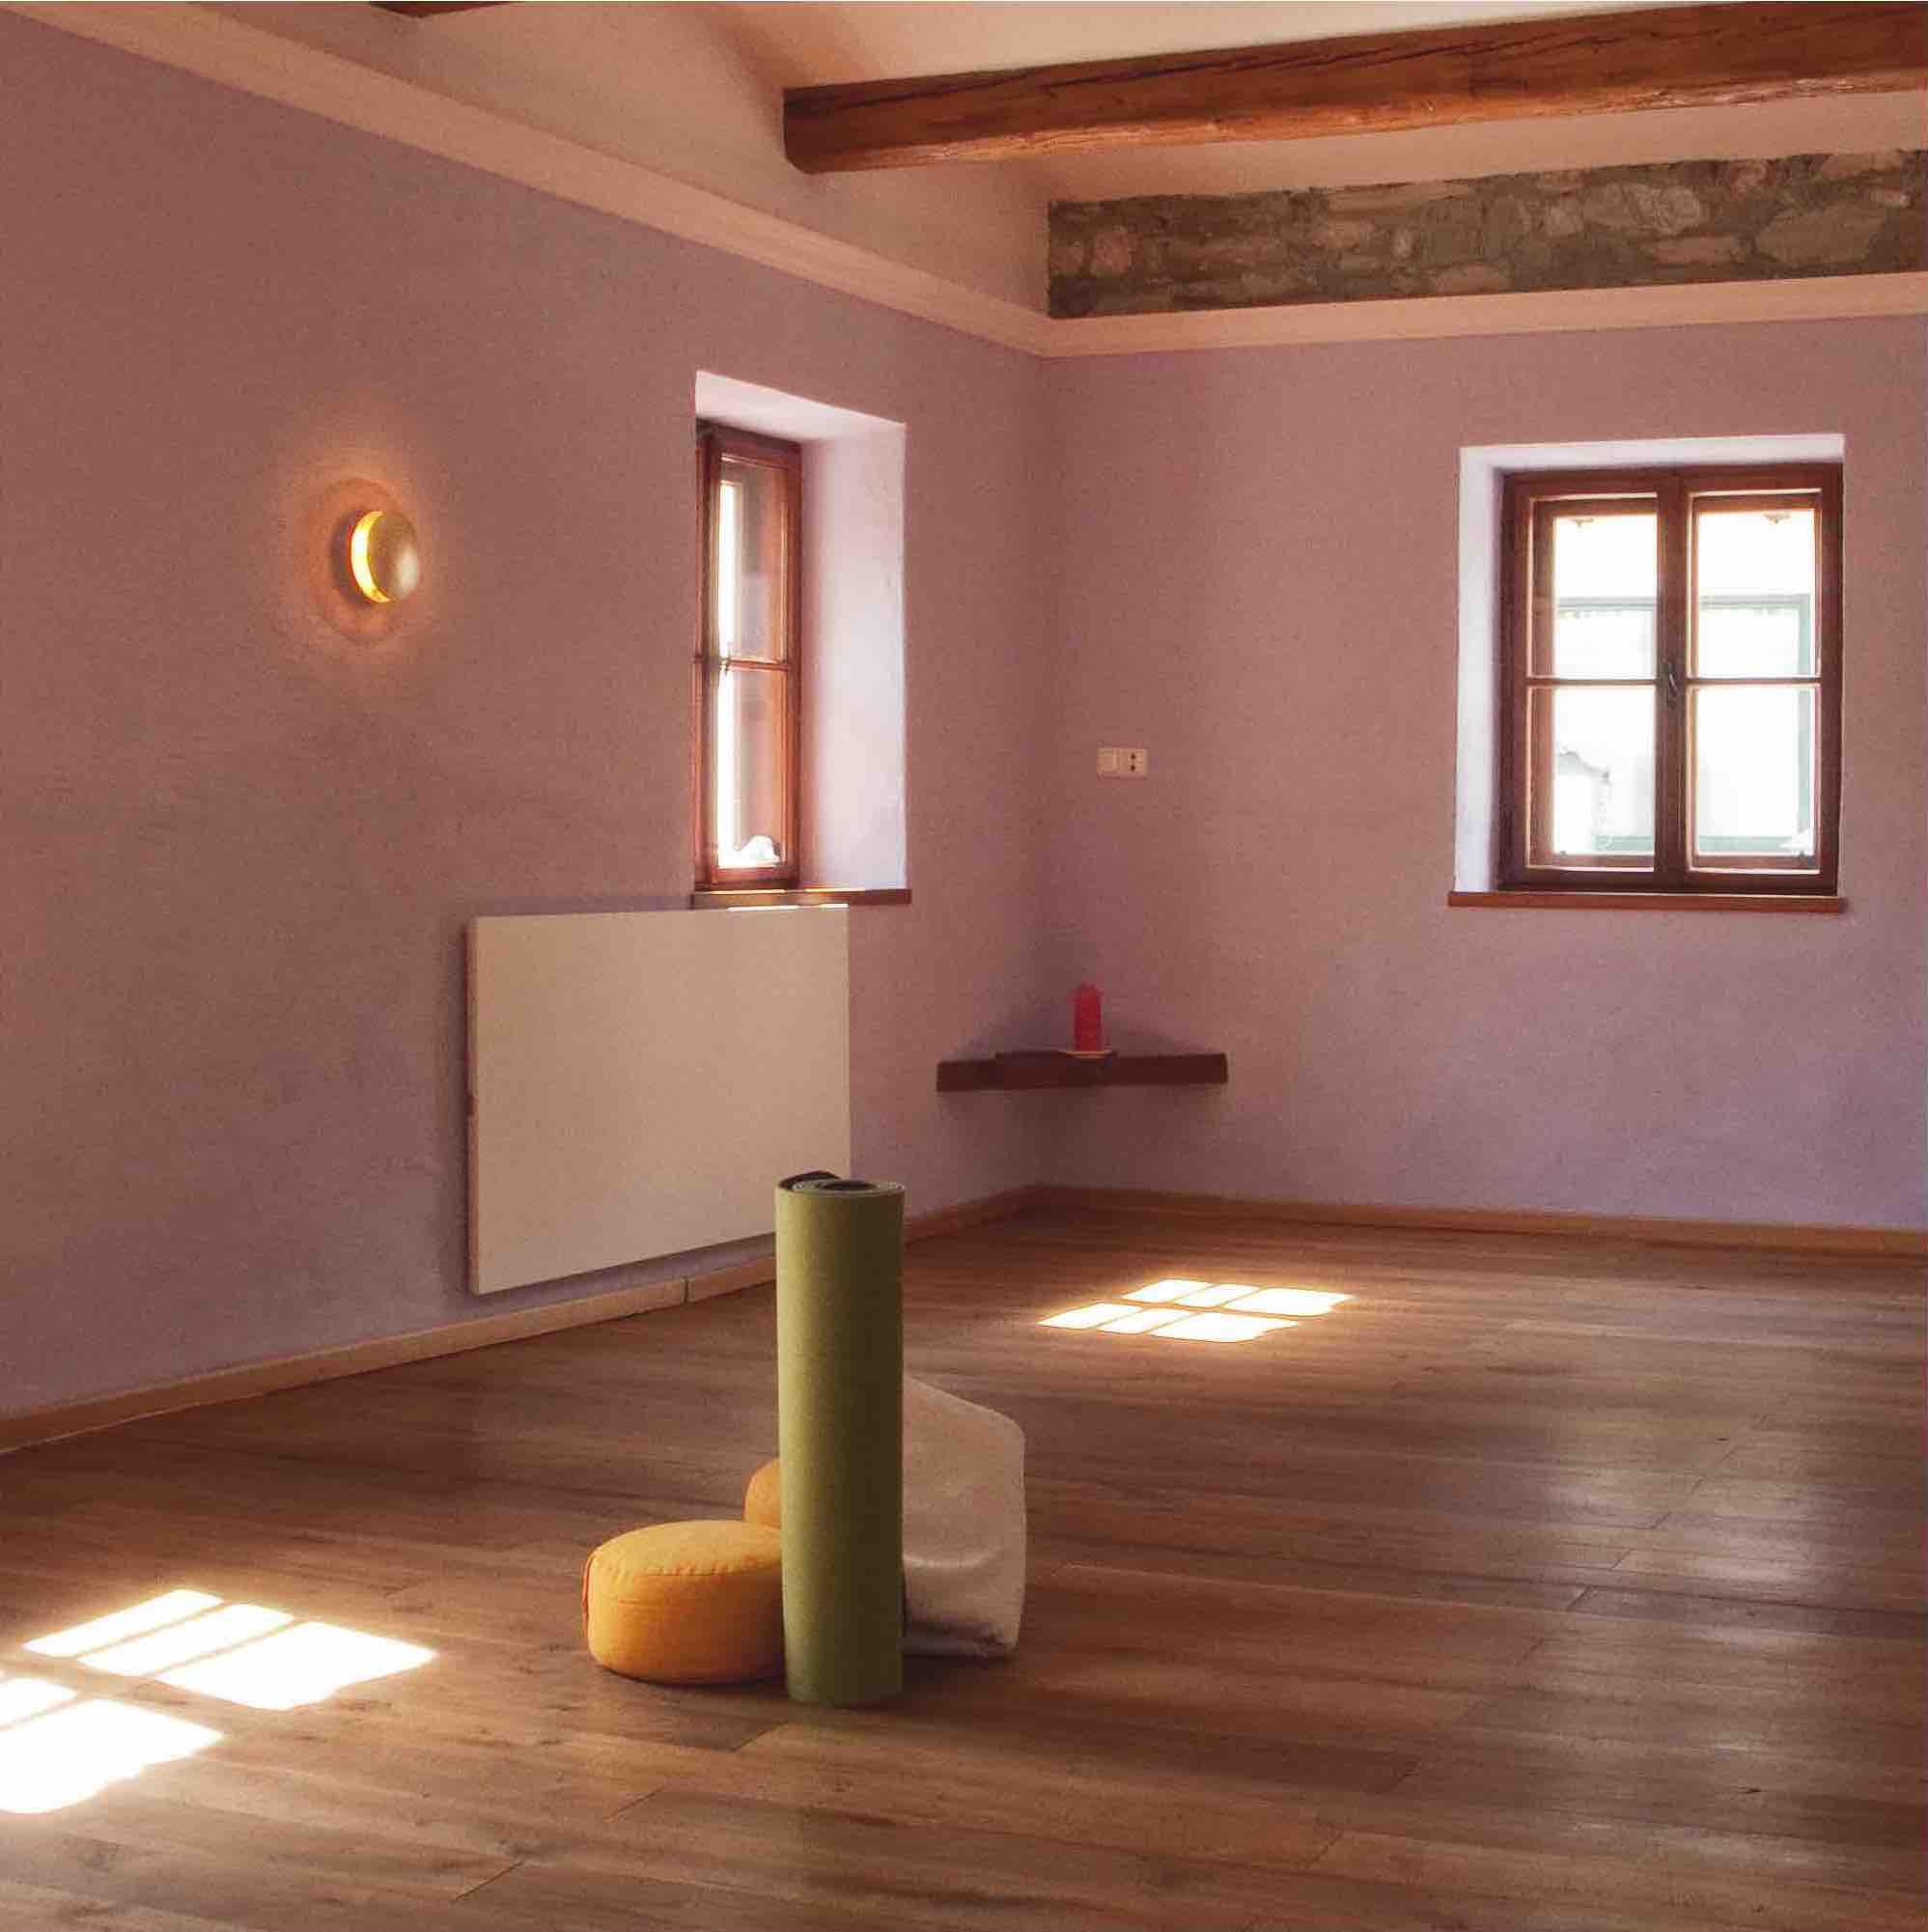 © Peter Schwaiger, Tauglerei - Yoga- oder Seminarraum